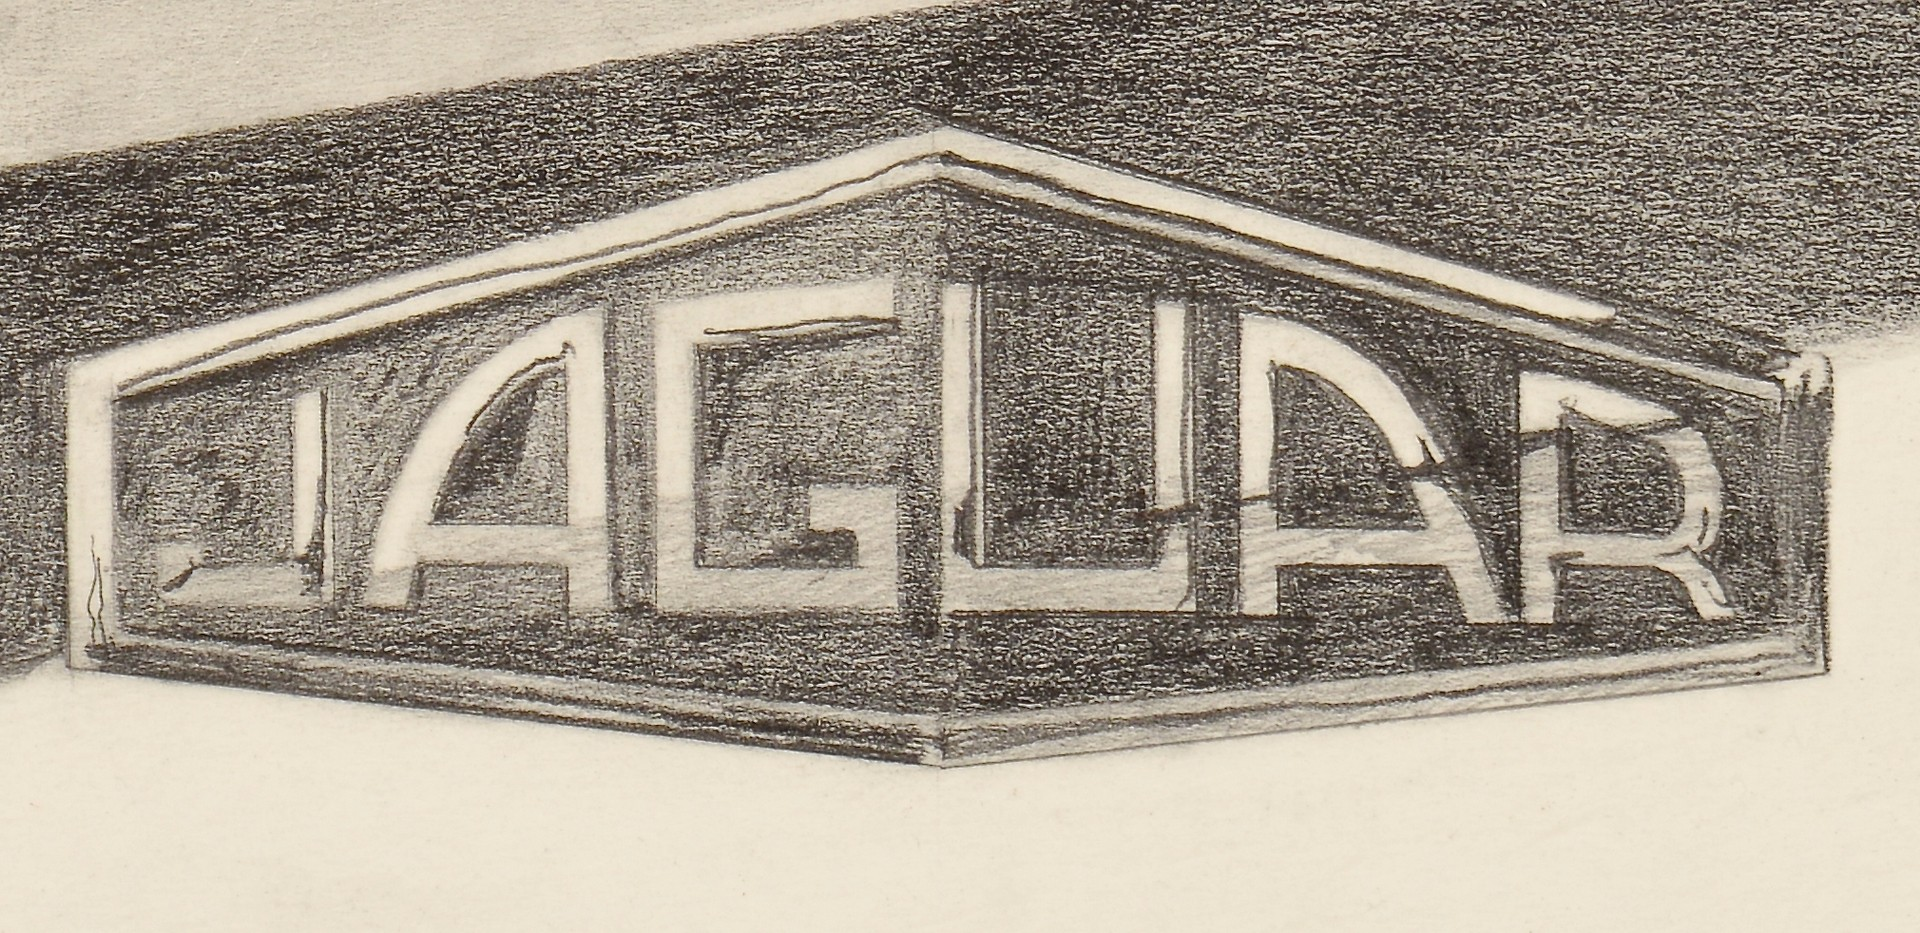 Lot 4010224: James Caulfield (MI/TN) Car Artwork